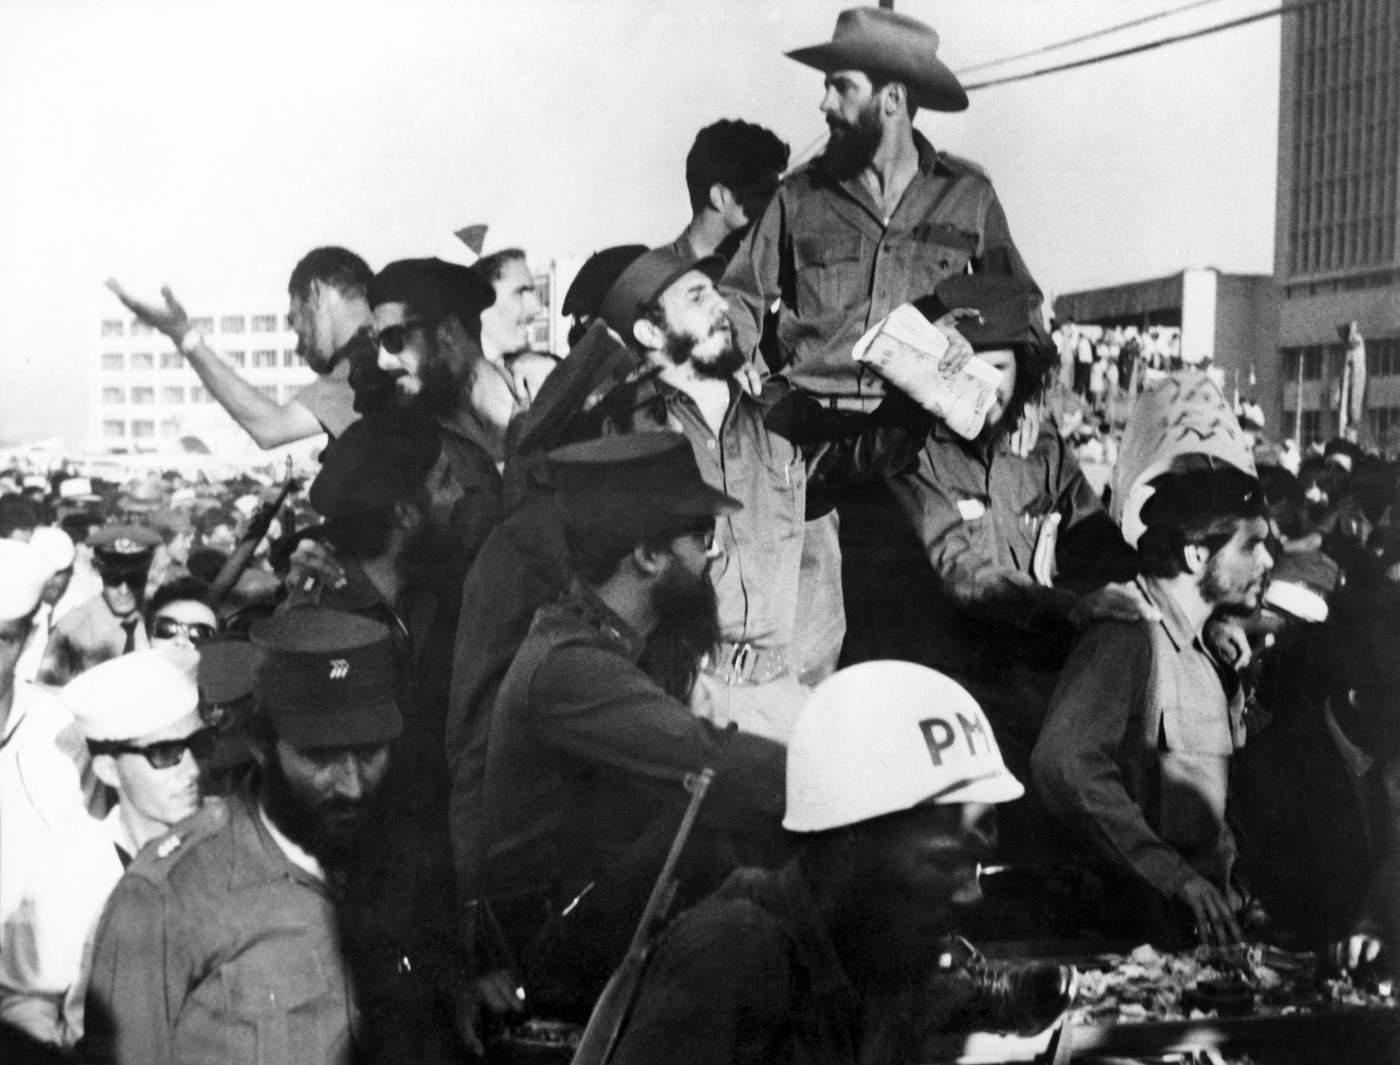 El 8 de enero de 1959 el Che, Fidel Castro, Camilo Cienfuegos y otros guerrilleros entran victoriosos en La Habana. (AFP PHOTO\/PRENSA LATINA)